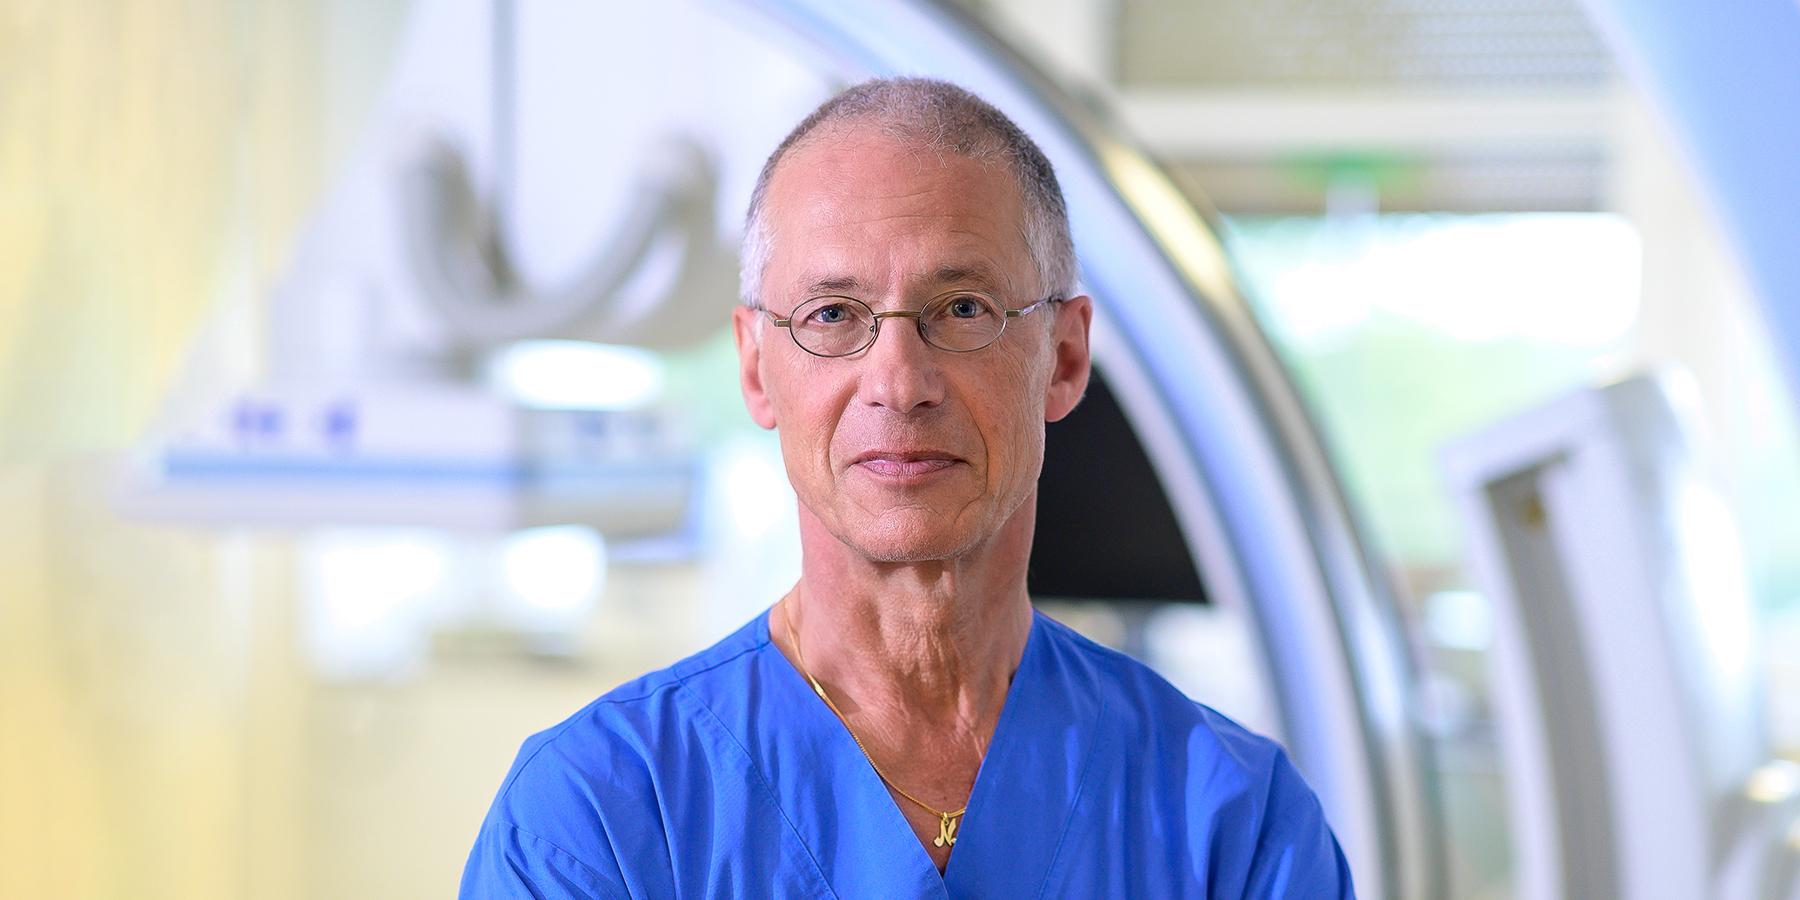 Praxis für Angiologie und Kardiologie Frankfurt - Innovationen